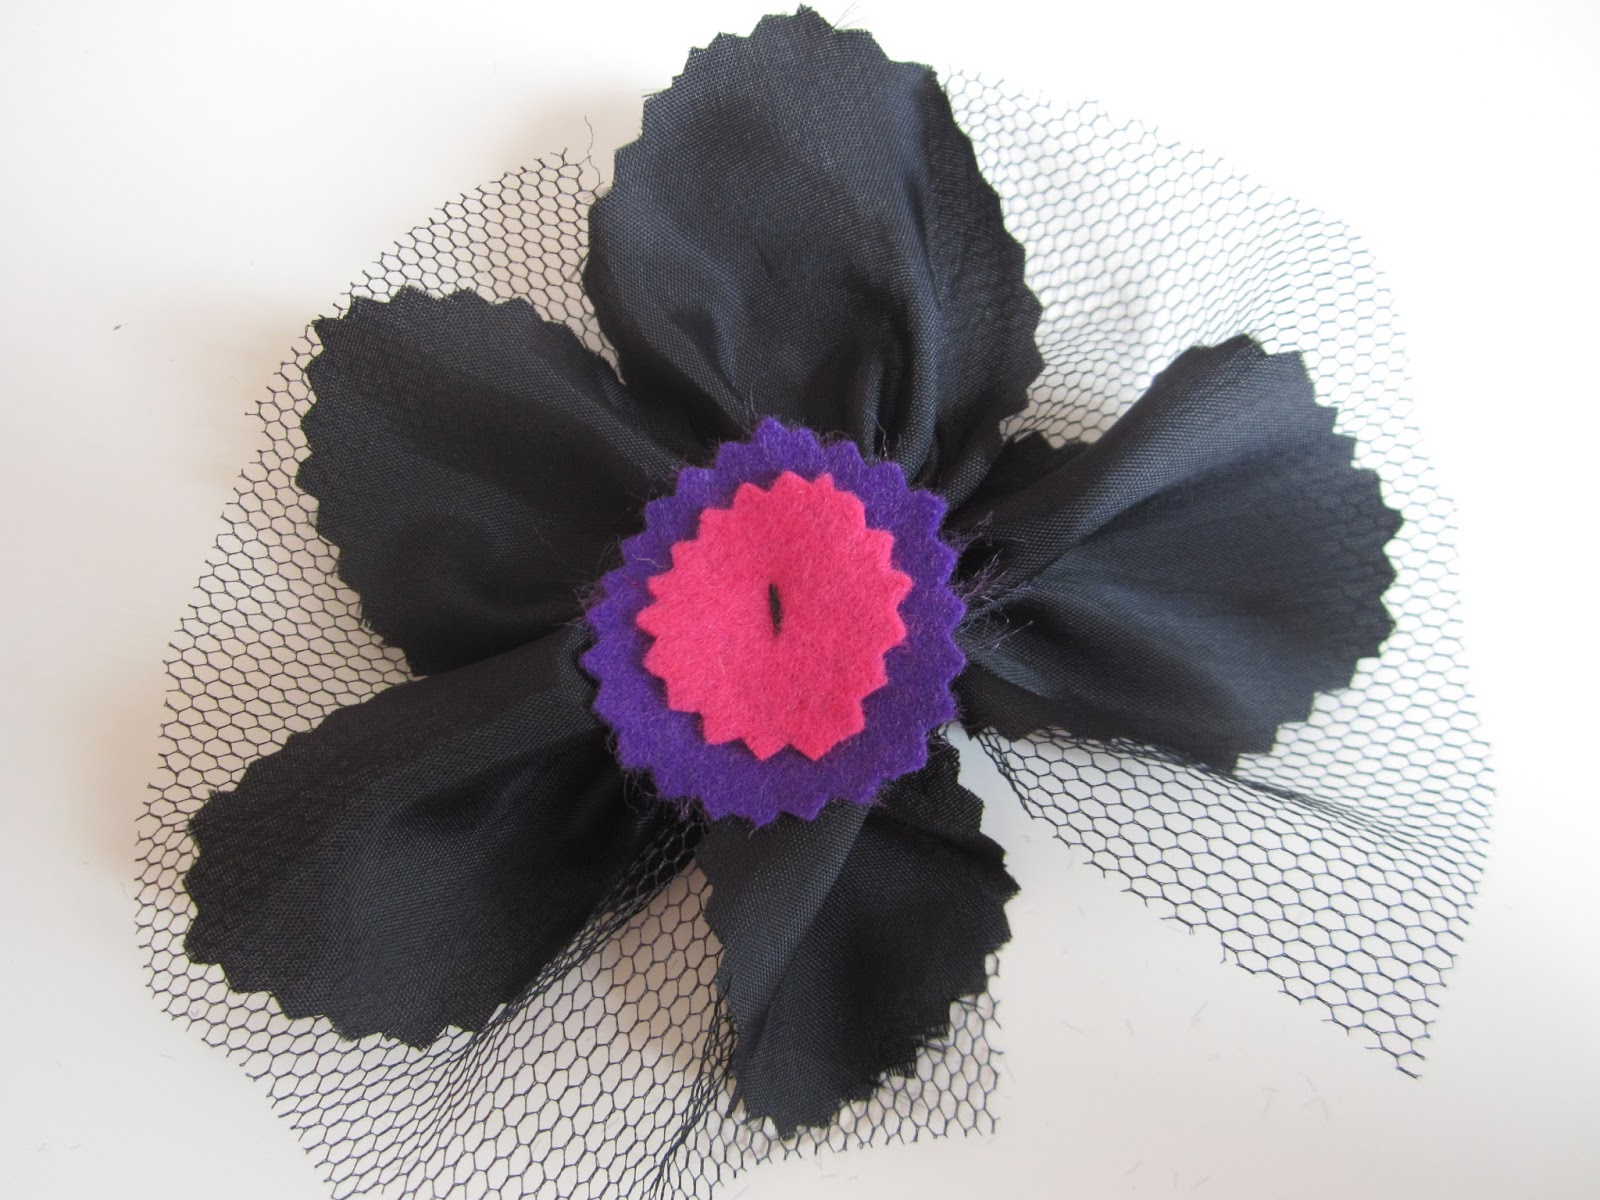 mis nancys, mis peques y yo, tutorial facil DIY tul y tela coser circulos fieltro